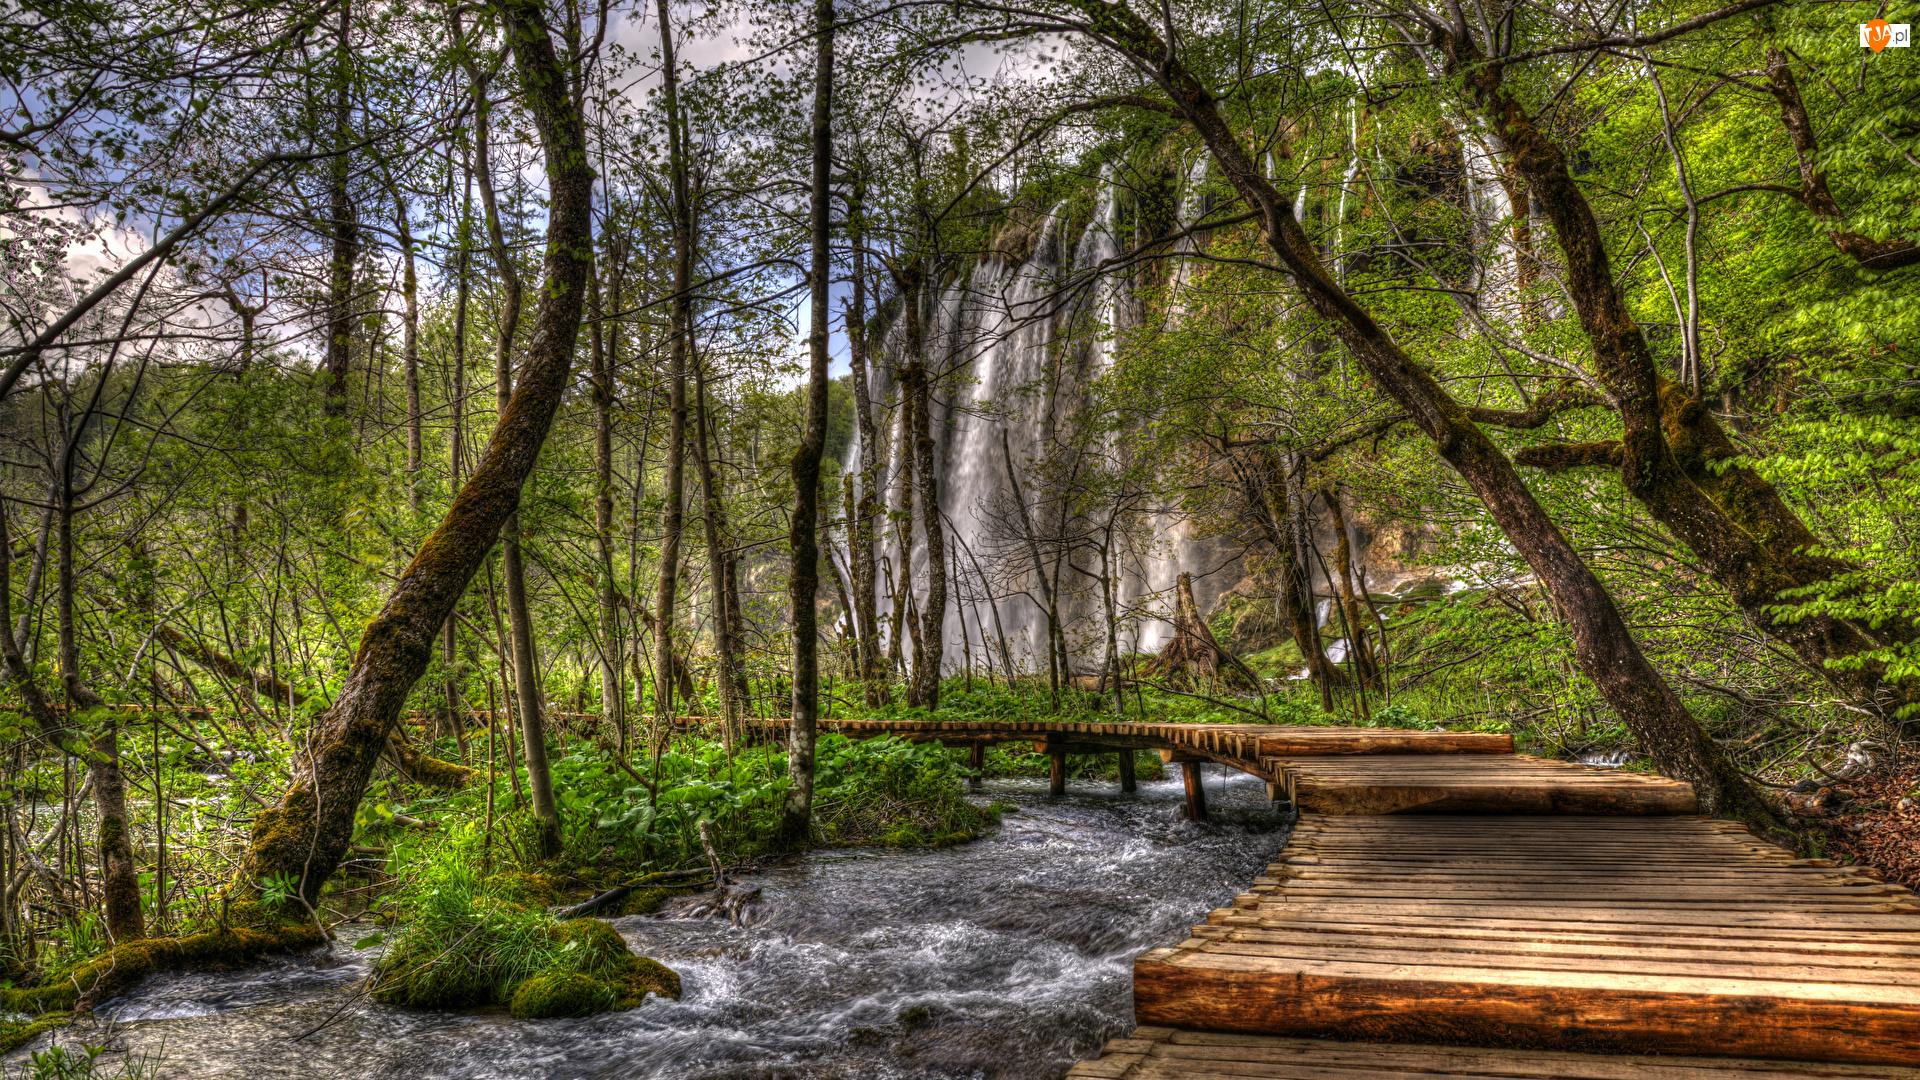 Park Narodowy Jezior Plitwickich, Chorwacja, Rzeka, Drzewa, Wodospad, Pomost